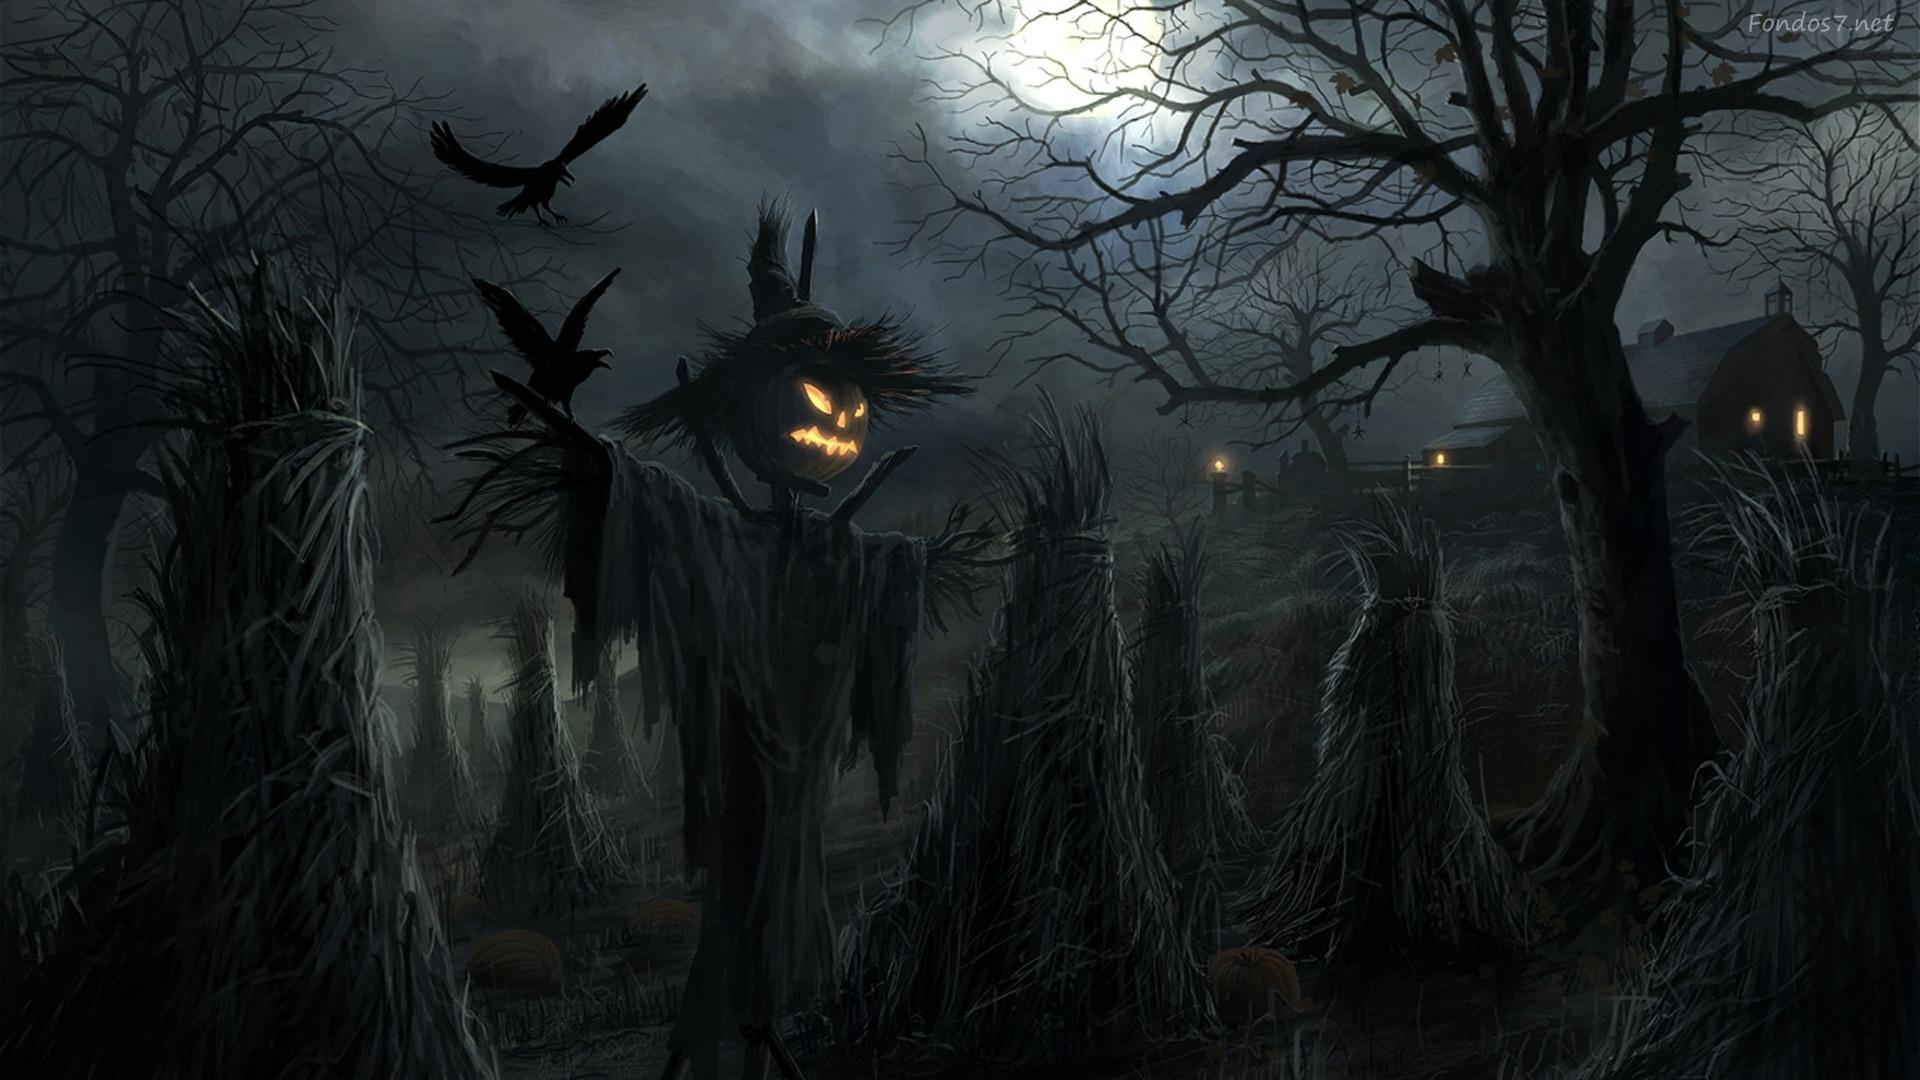 halloween wallpapers, halloween backgrounds for desktop | 49